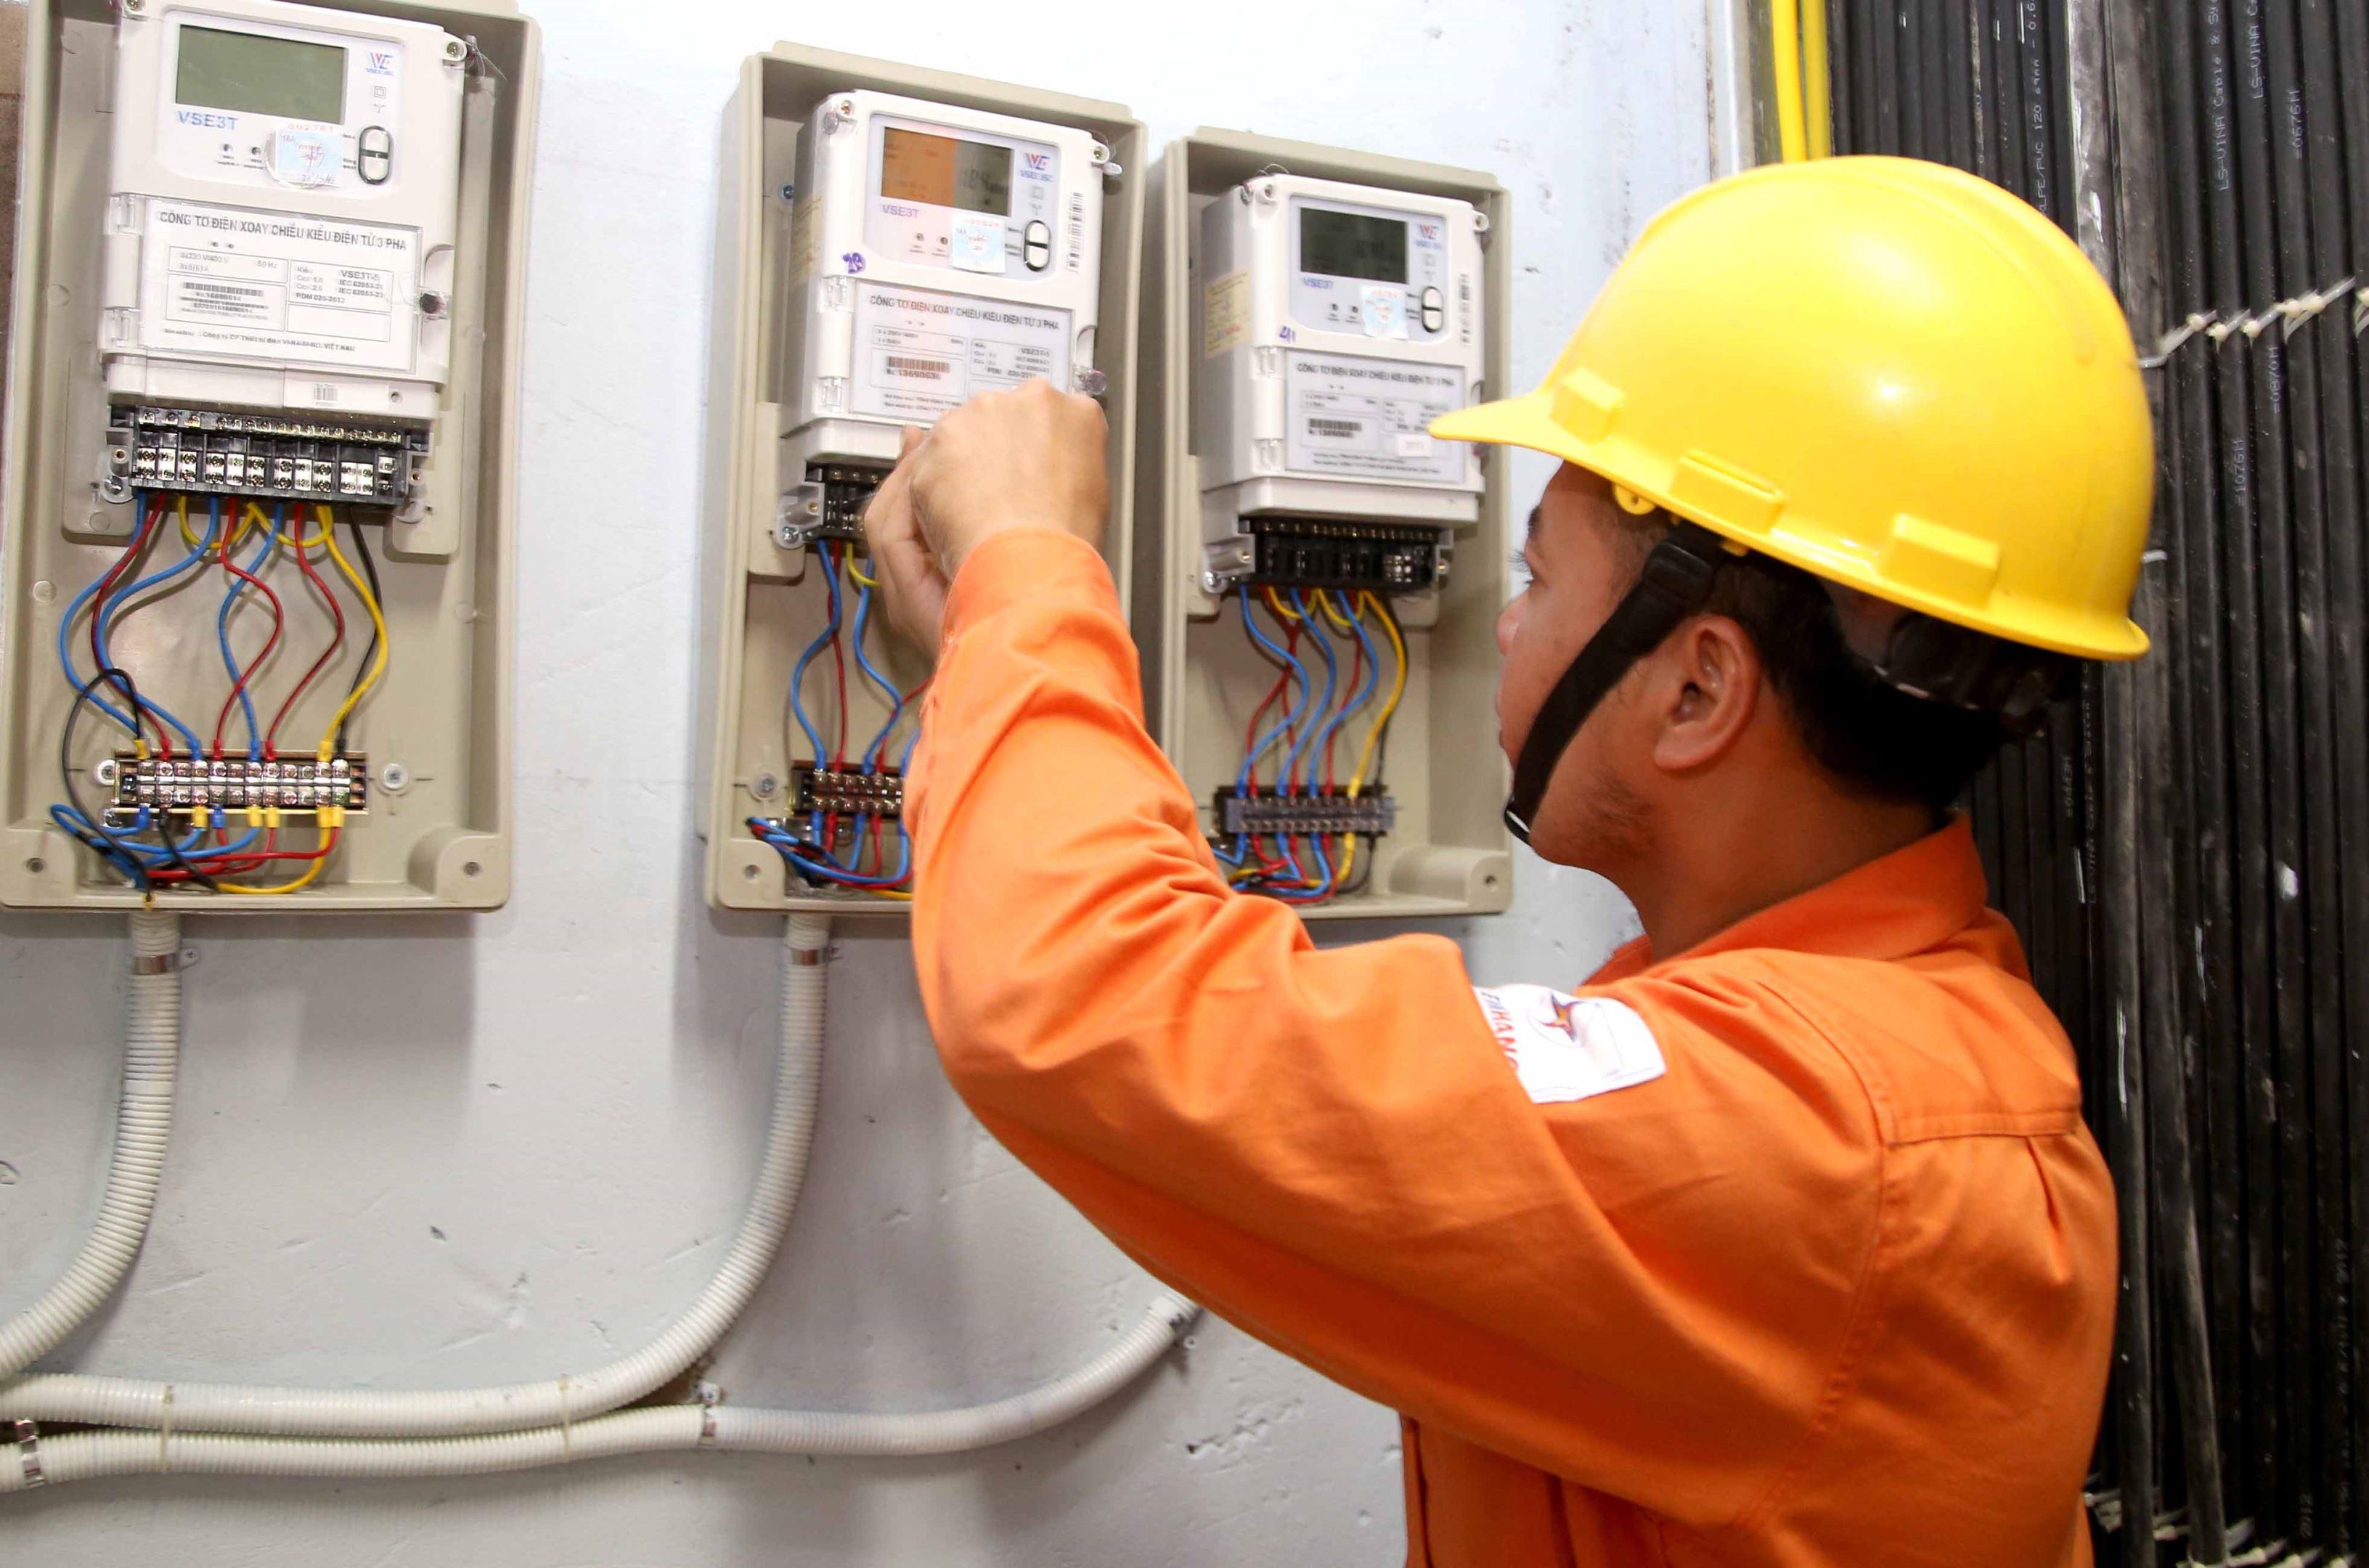 Phương án điện một giá không nhận được sự ủng hộ do làm tăng tiền điện - Ảnh 1.